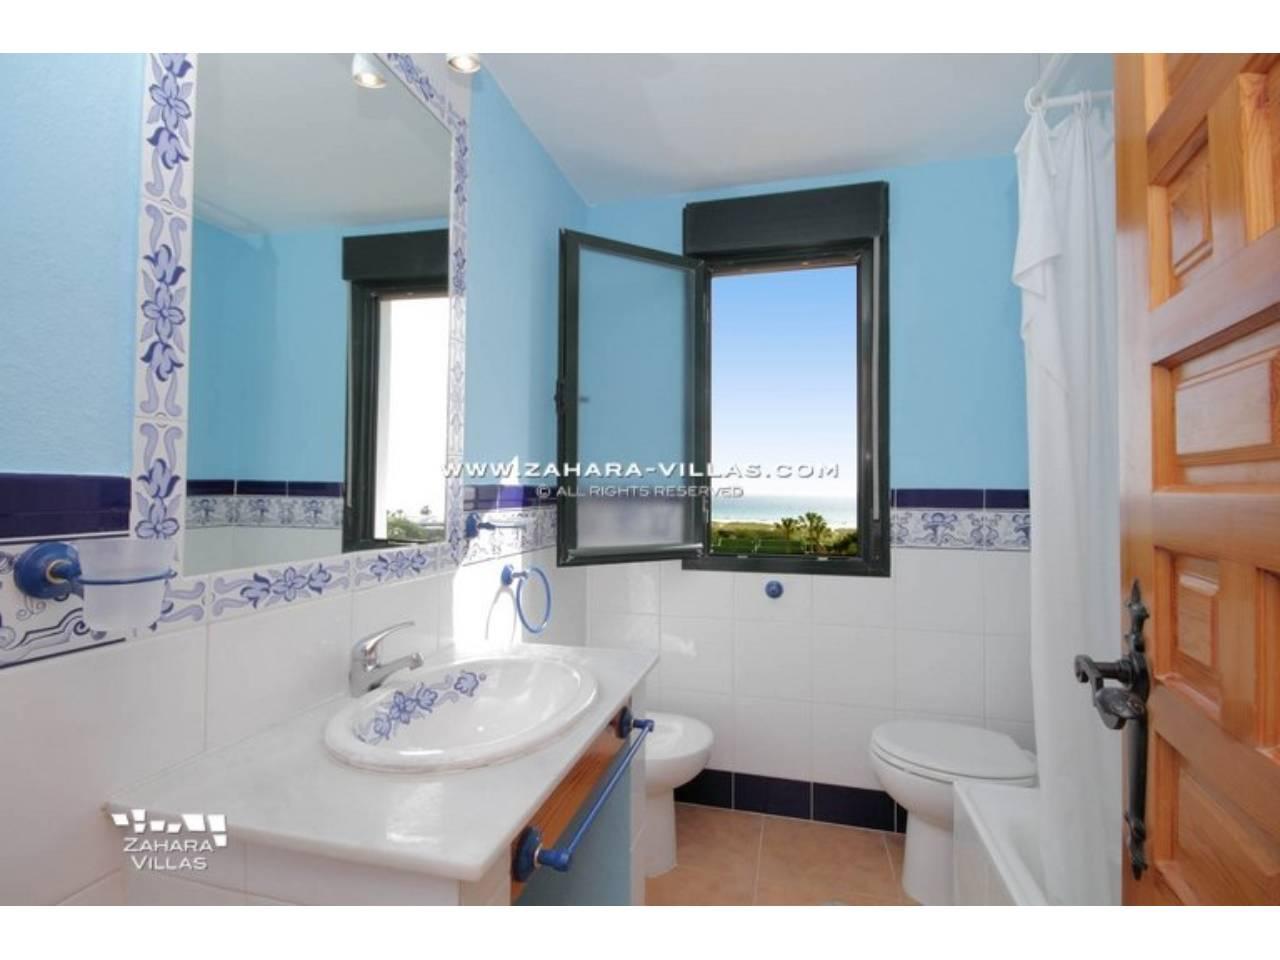 Imagen 9 de Magnifico Atico 4 dormitorios, 2 baños con plaza de garaje